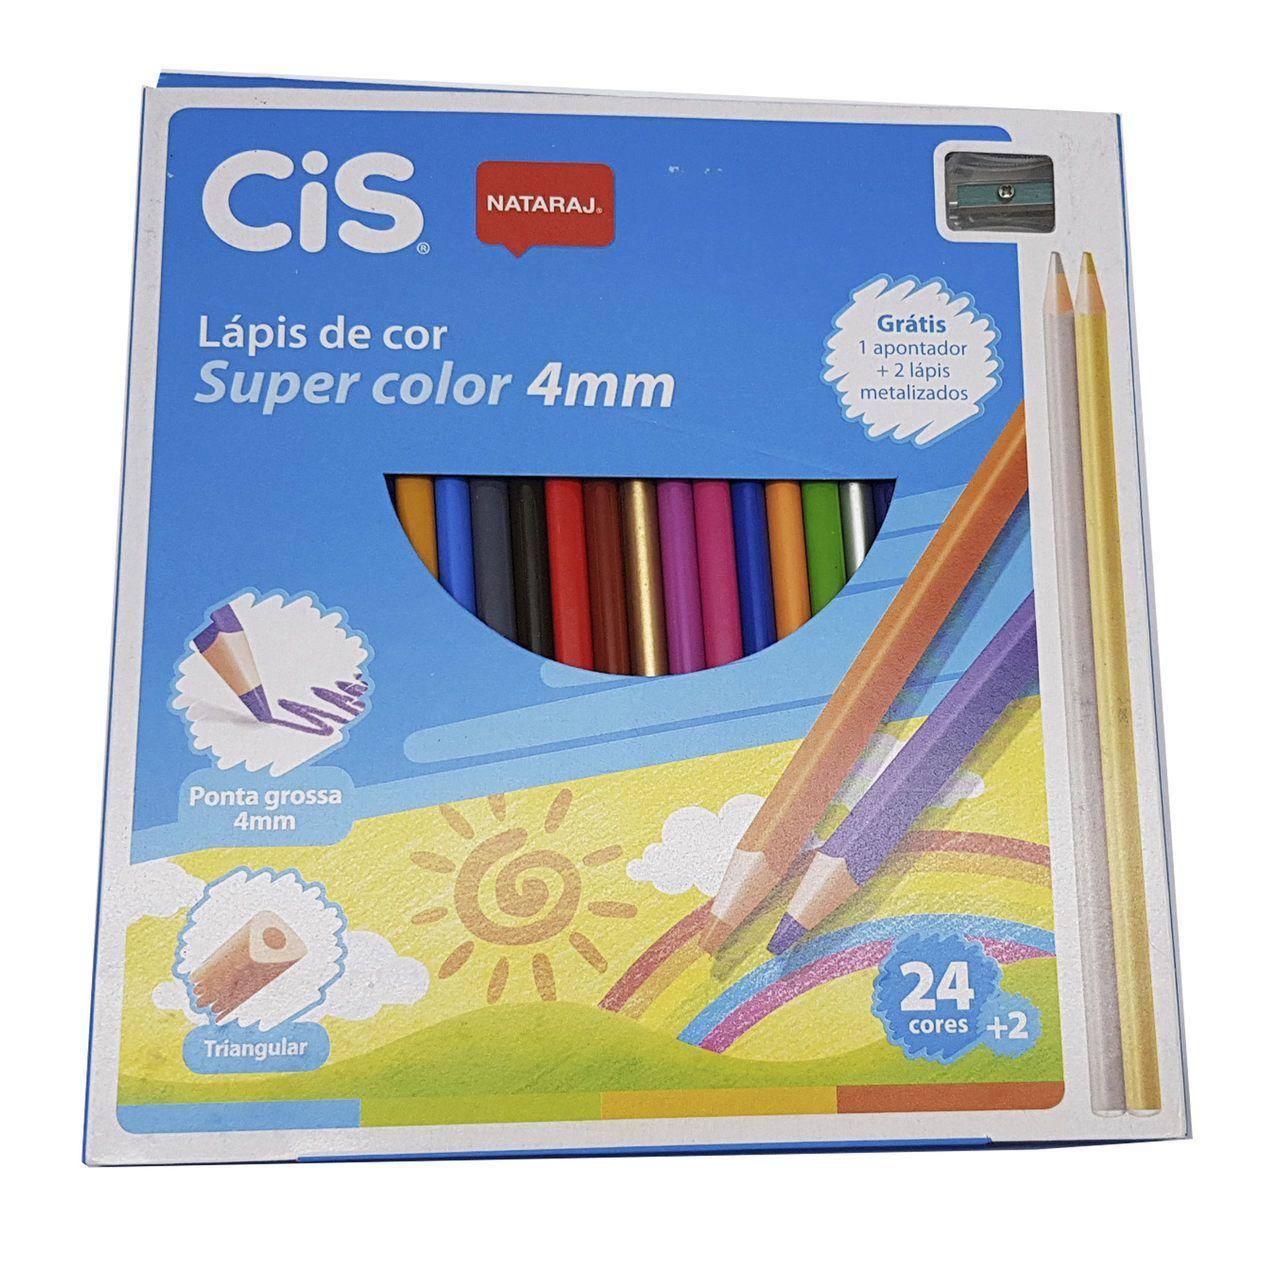 fa625639c1 Lápis de cor Super Color caixa com 24 cores. - CIS